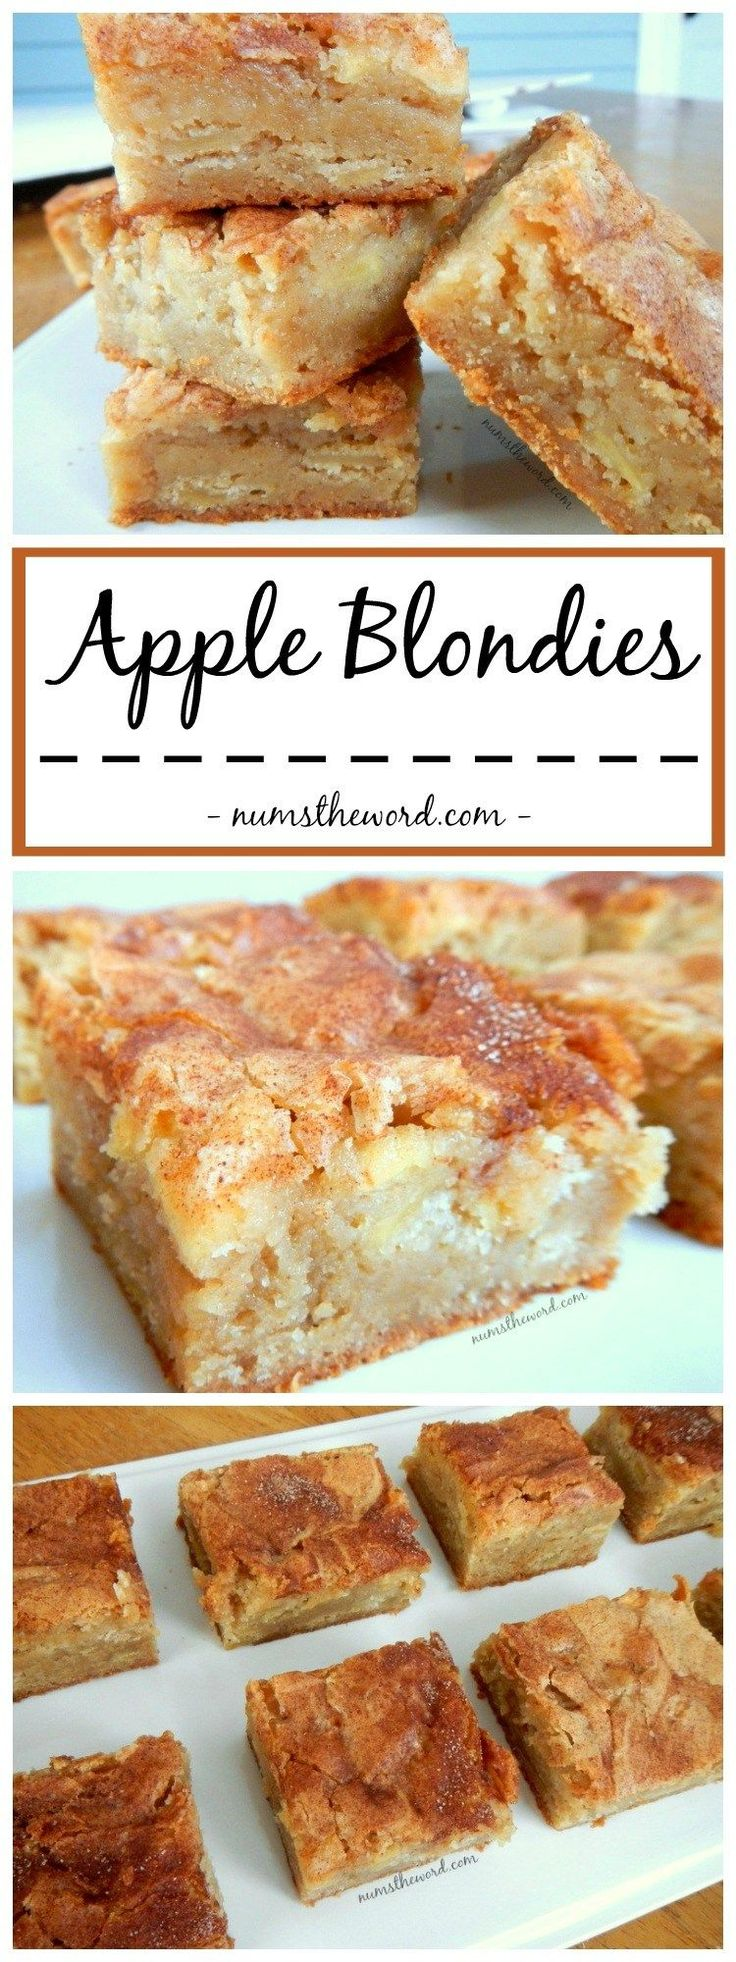 Apple Blondies